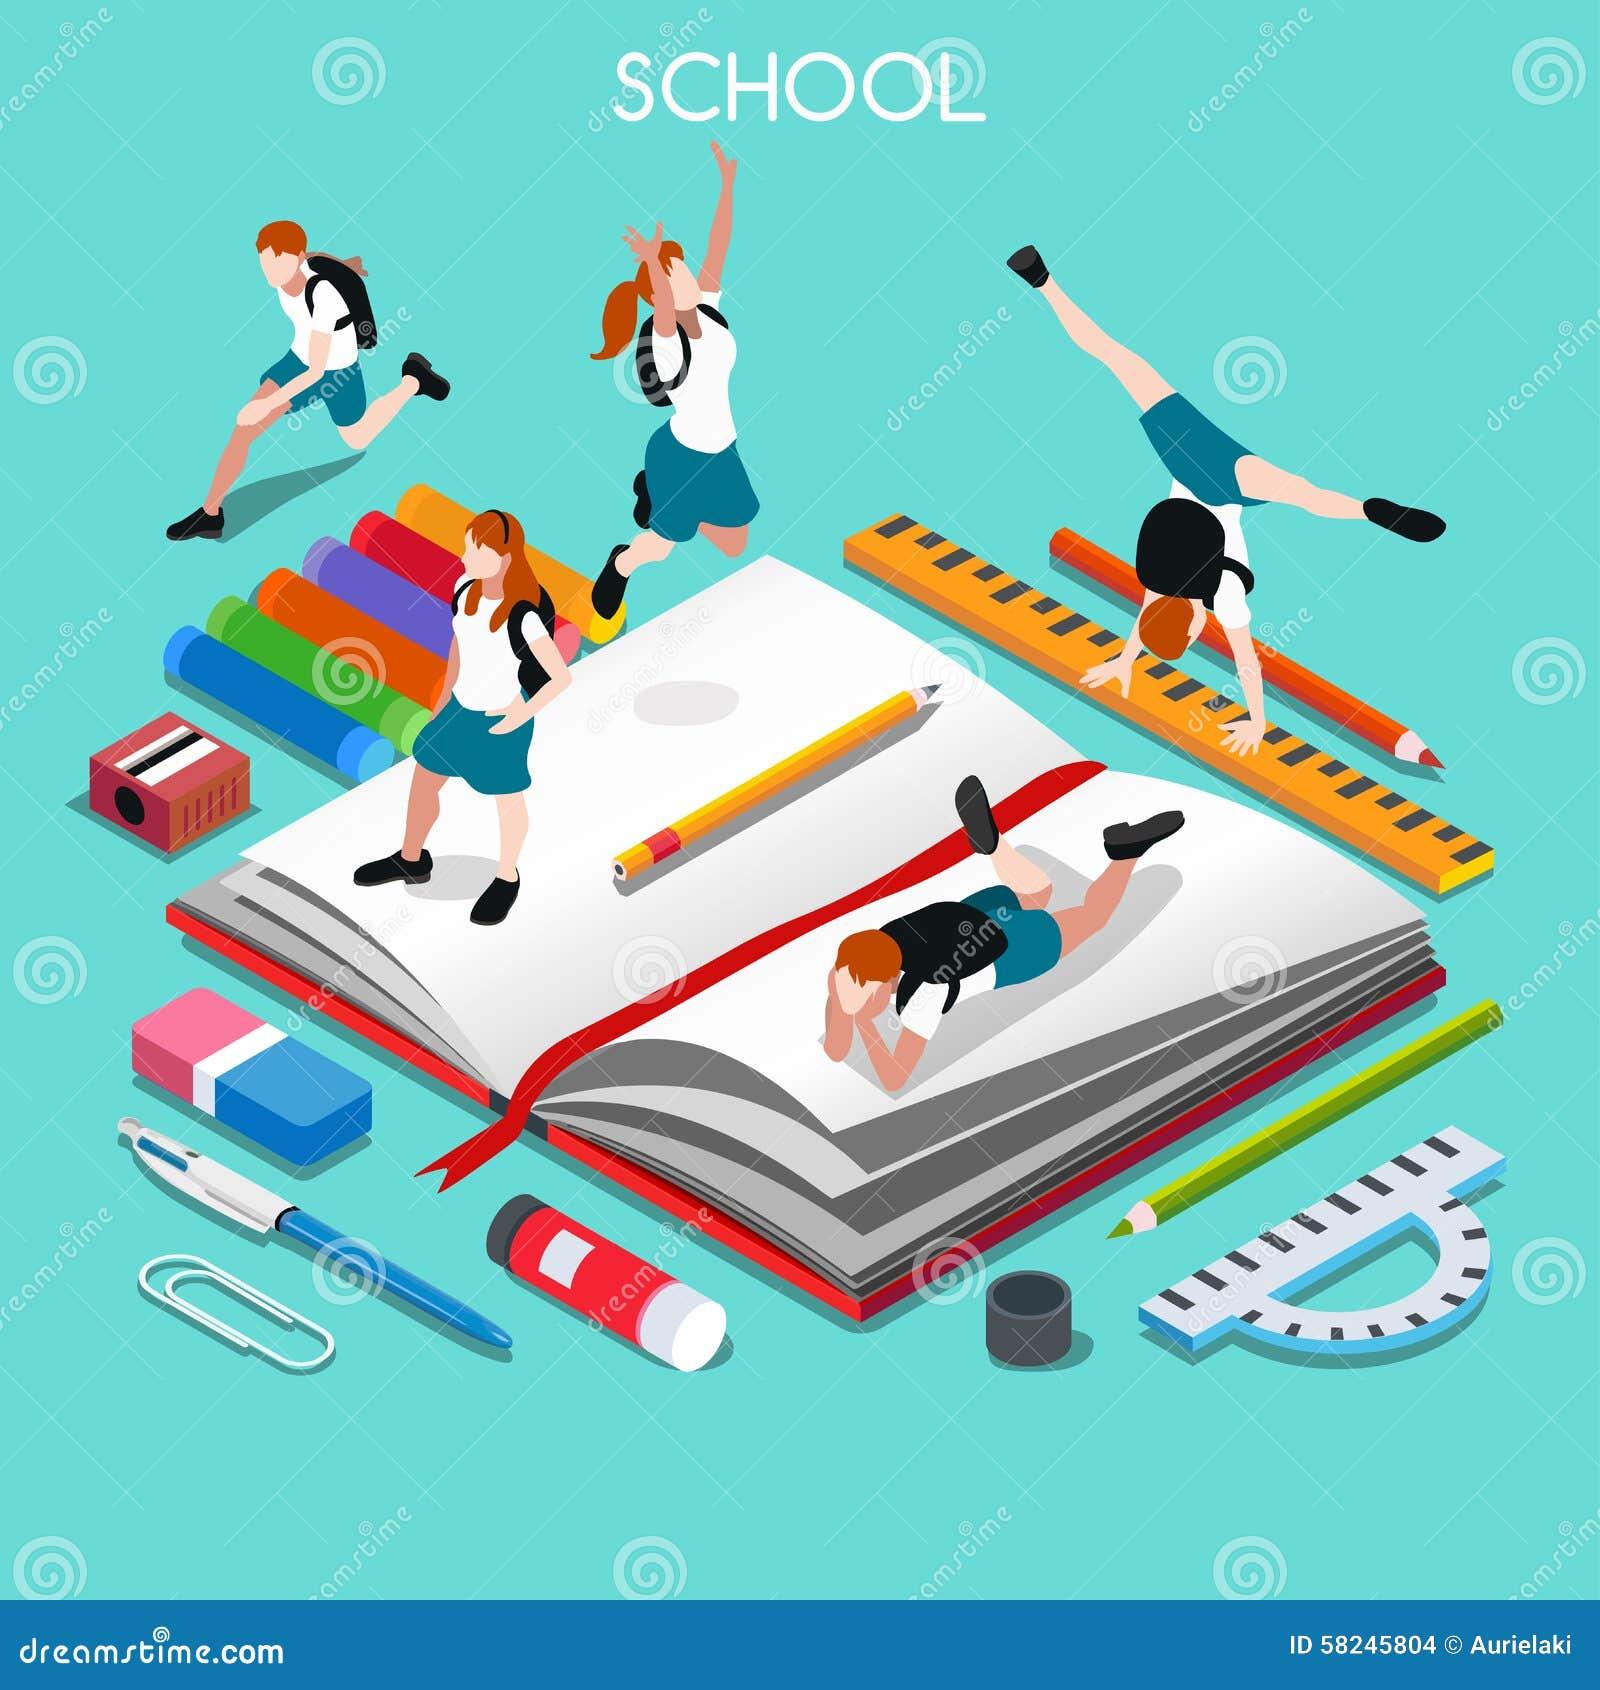 Happy School Hook up download gratuito